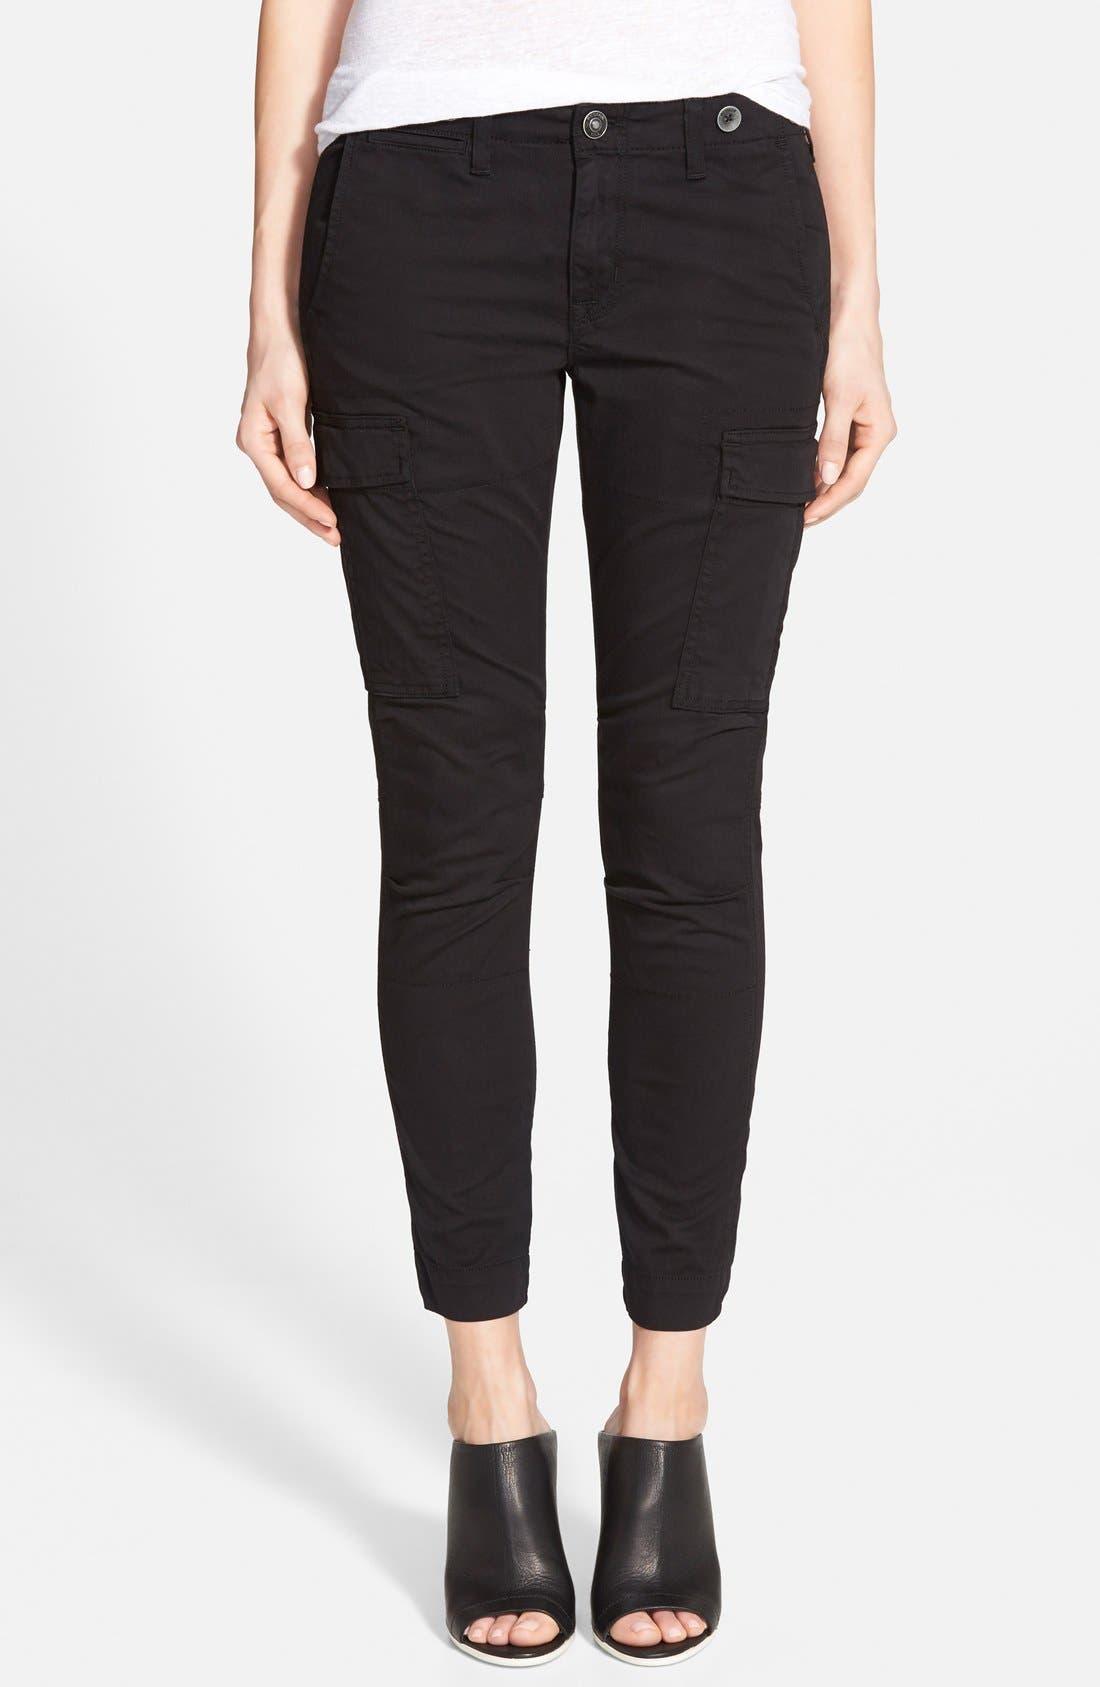 'Rowan' Slouchy Cargo Pants, Main, color, 001